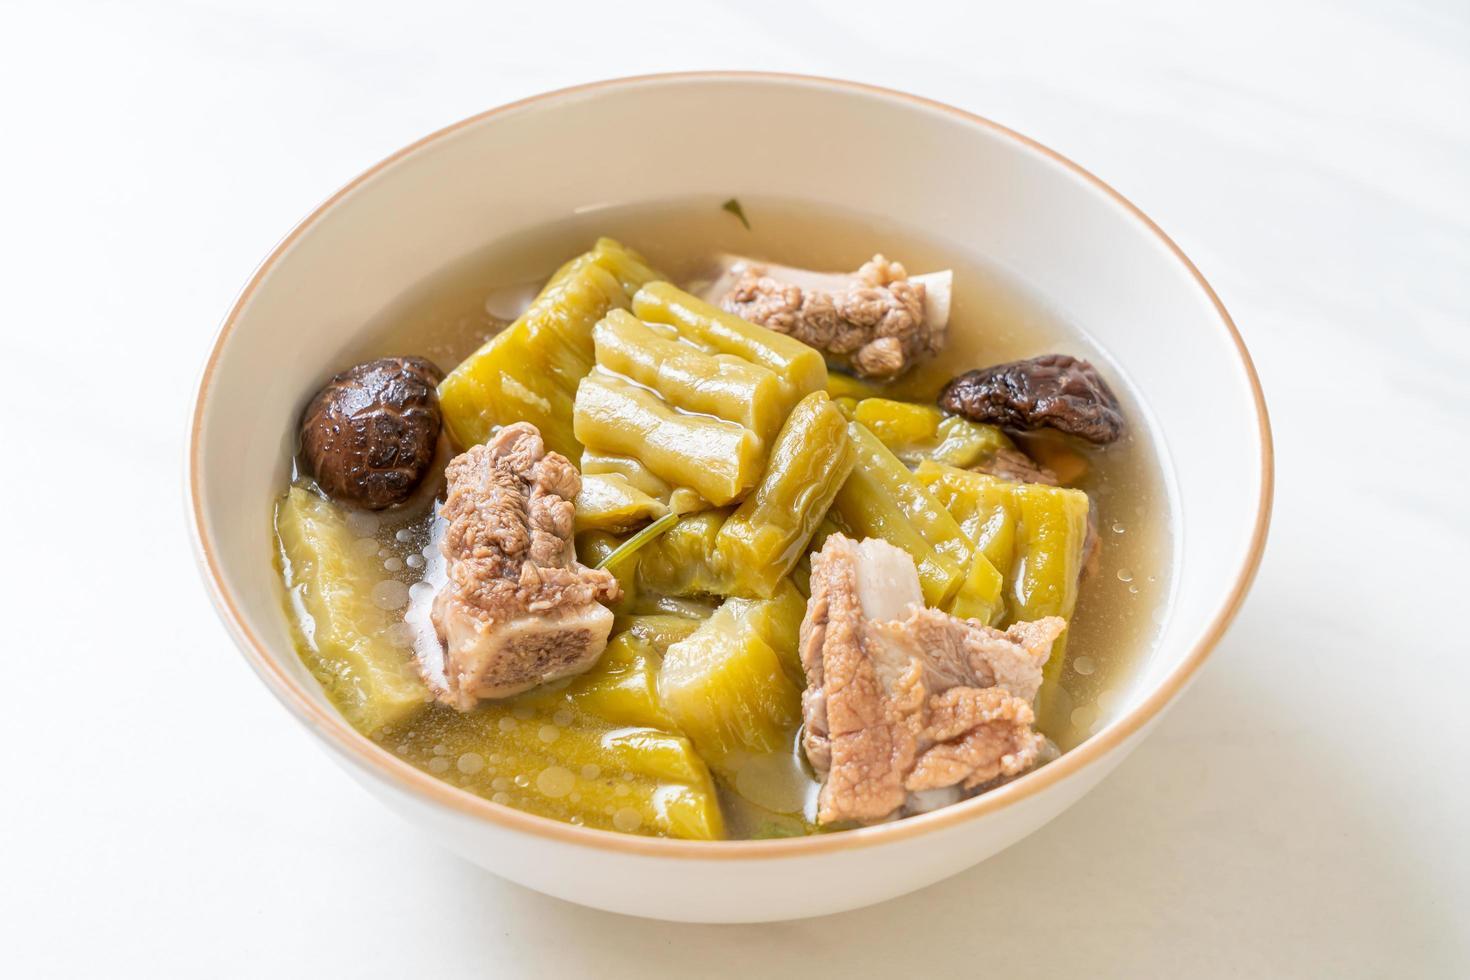 courge amère avec soupe de côtes de porc photo